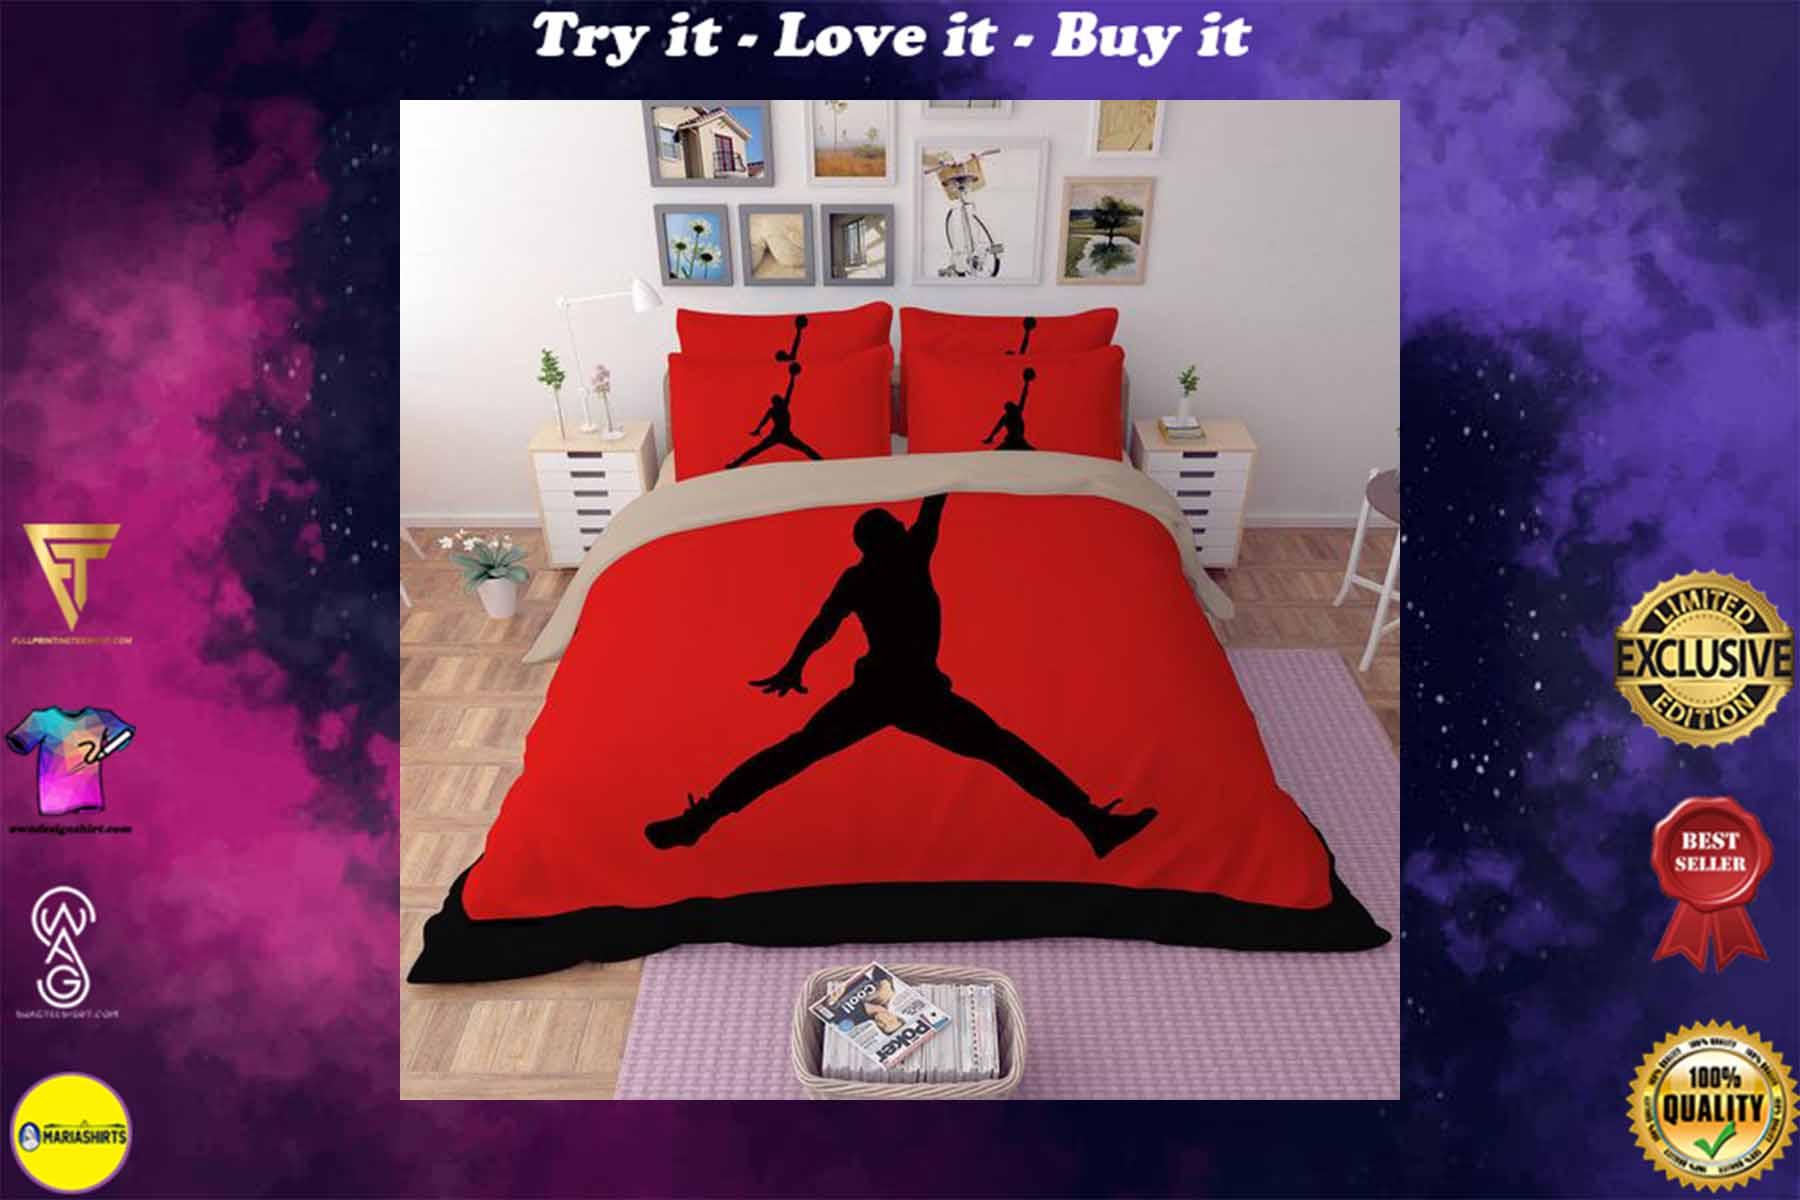 [special edition] air jordan jumpman bedding set - maria